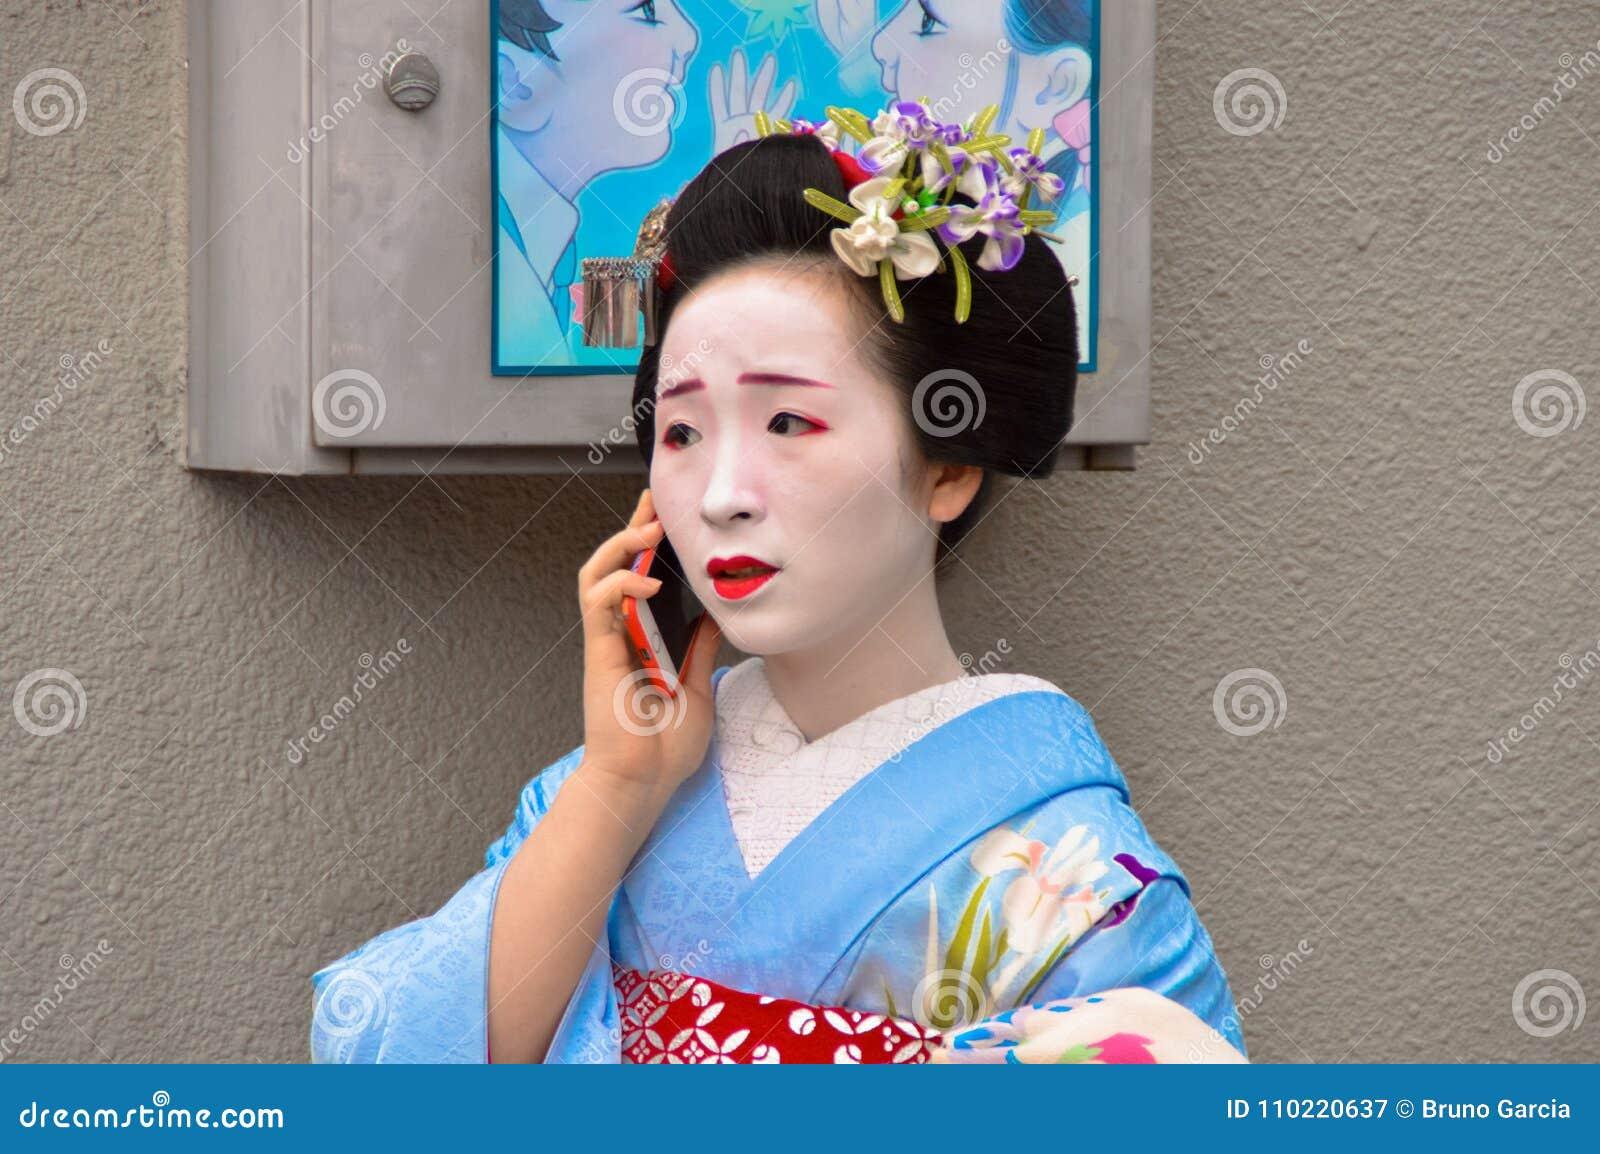 Geisha at Gion